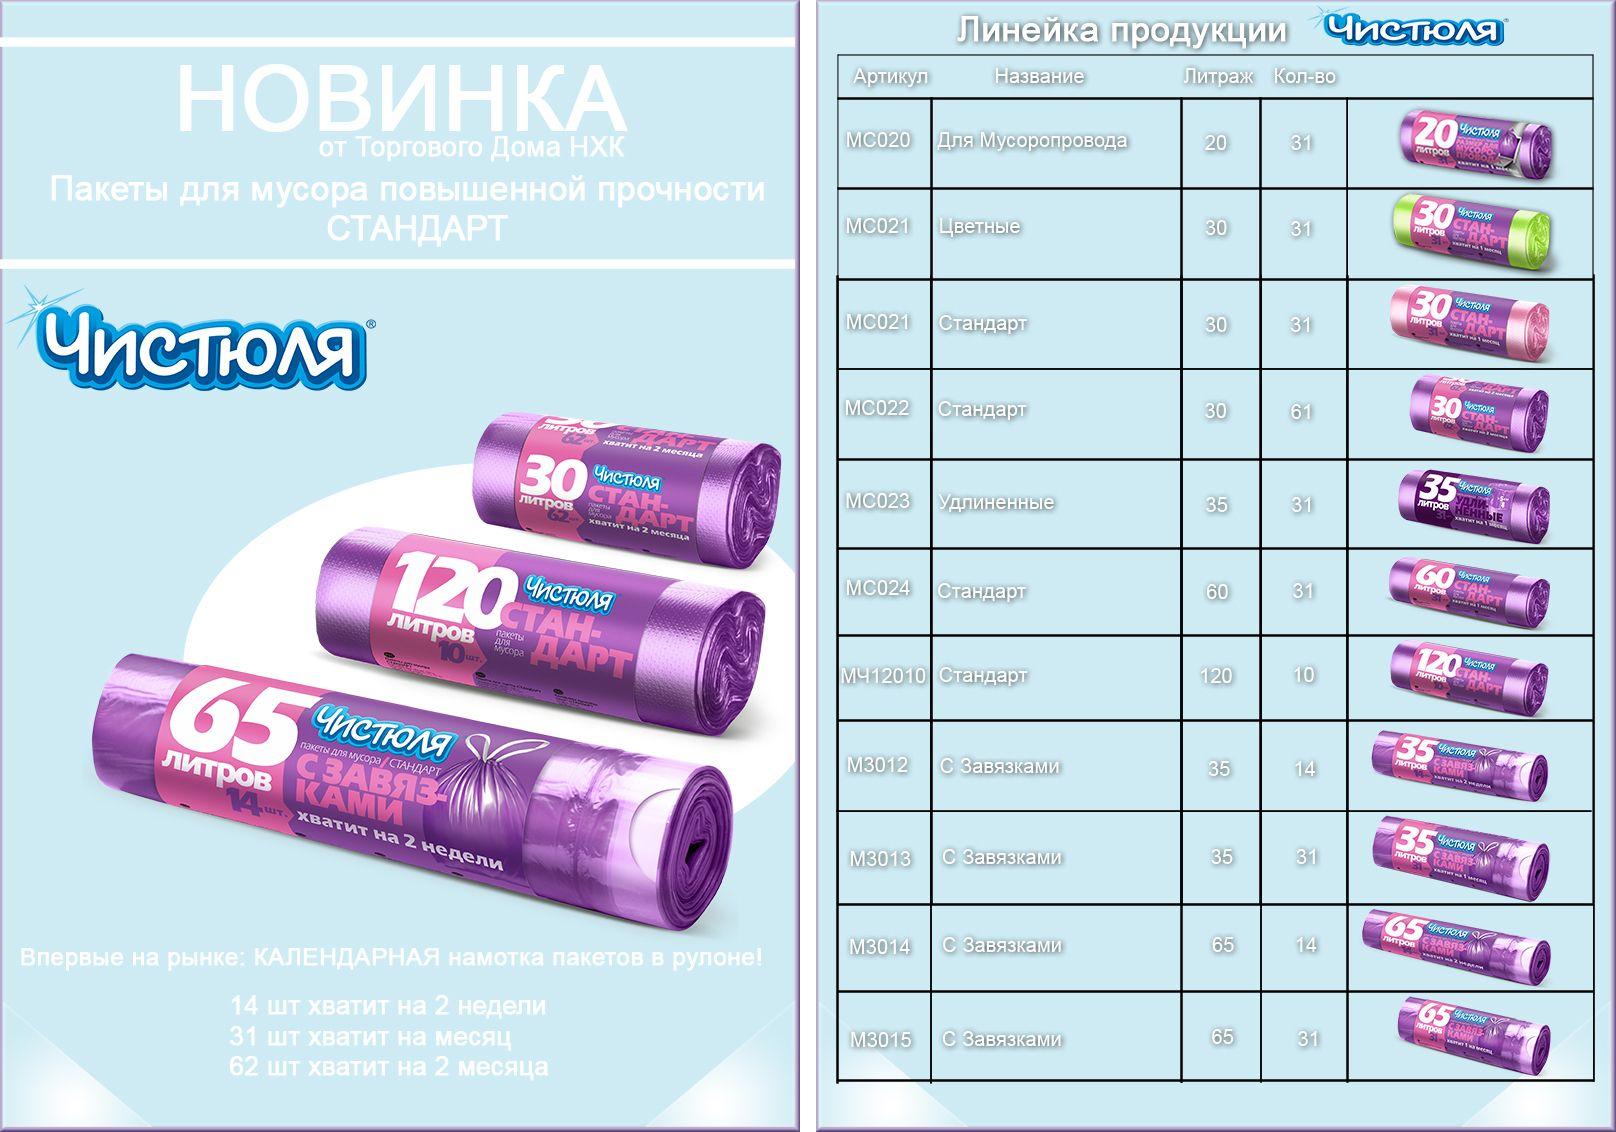 Листовка для торговых представителей - дизайнер Demensky